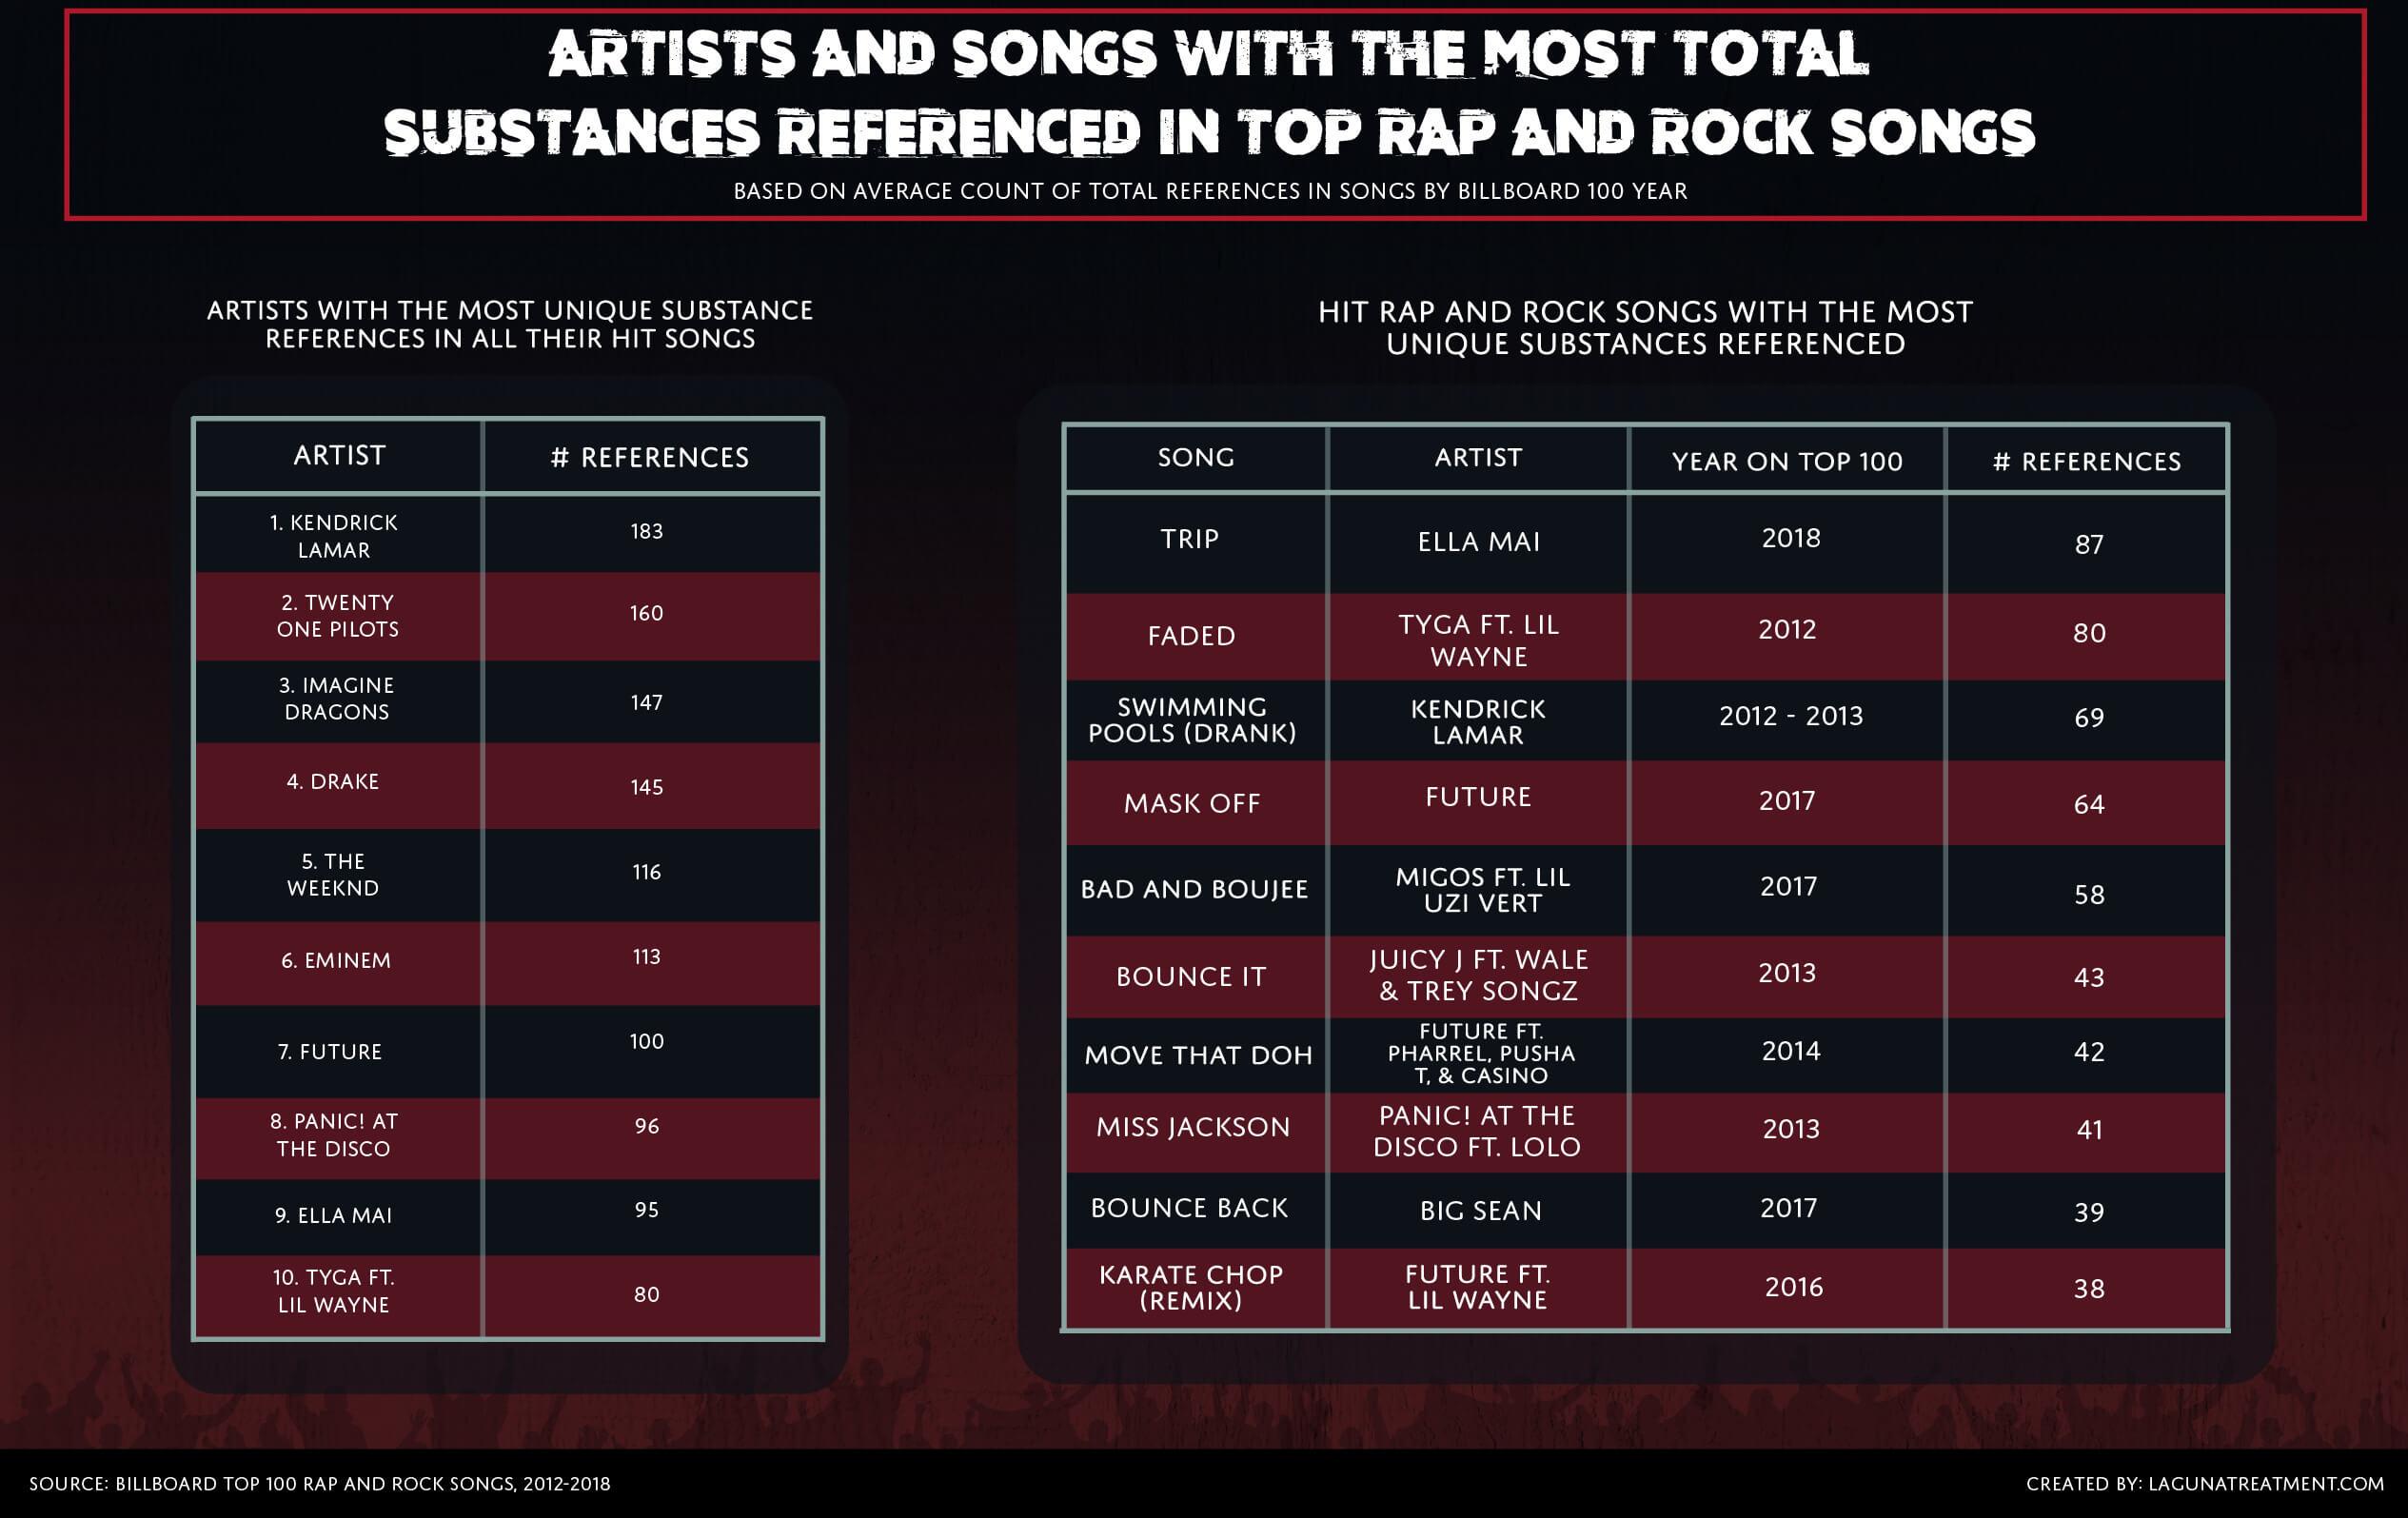 artistas-y-canciones-con-el-mayor-numero-de-sustancias-de-mencionadas